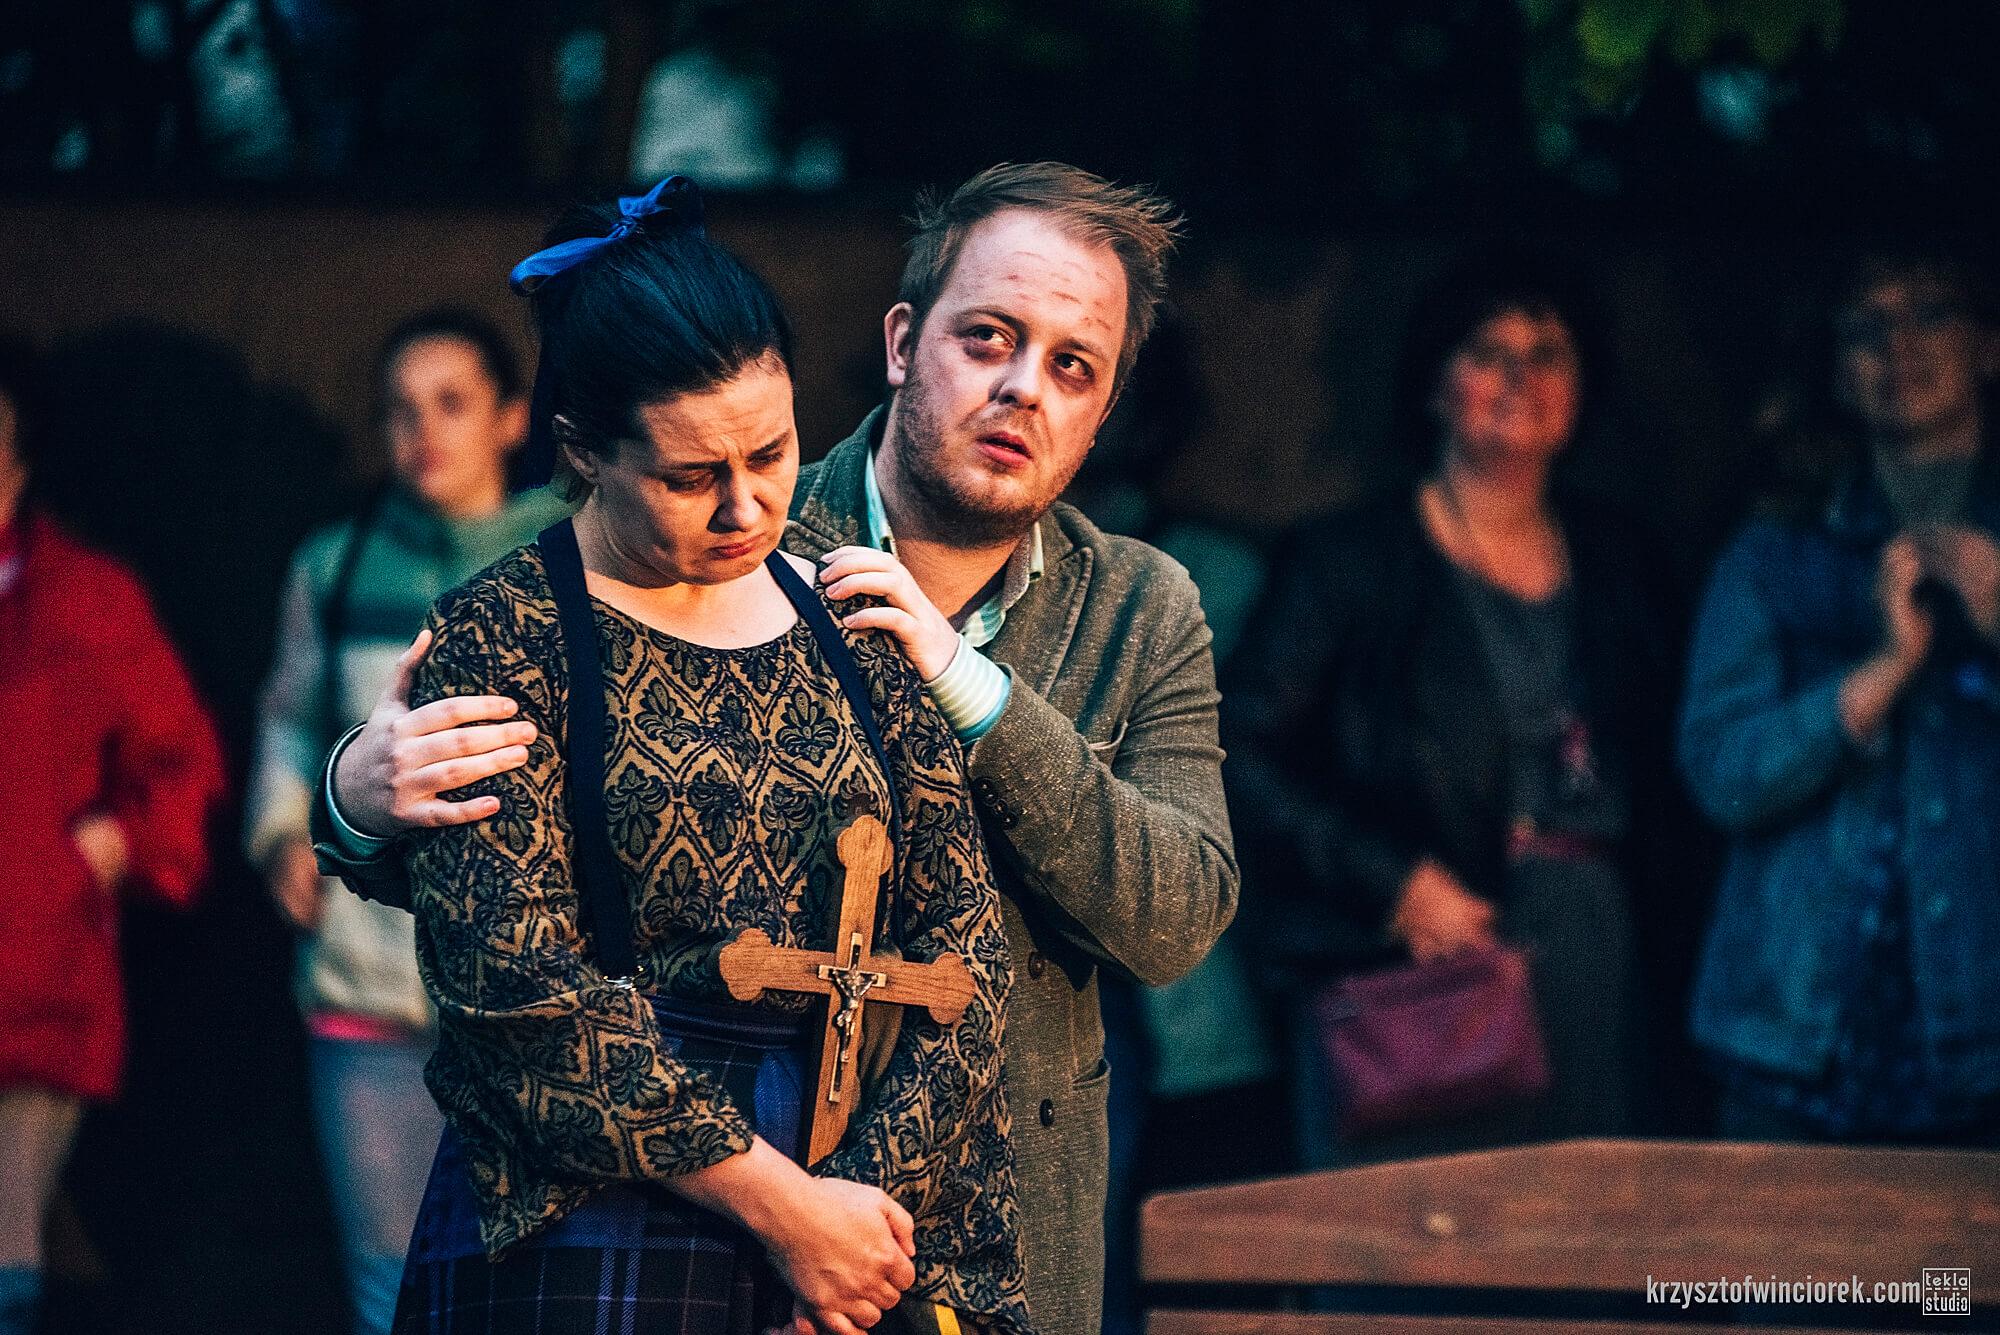 Zdjęcie z festiwalu Pociąg do miasta. Aktorka ucharekteryzowana na staro, z pochylona głową trzyma krzyż. Za nią aktor trzyma ją za ramiona.